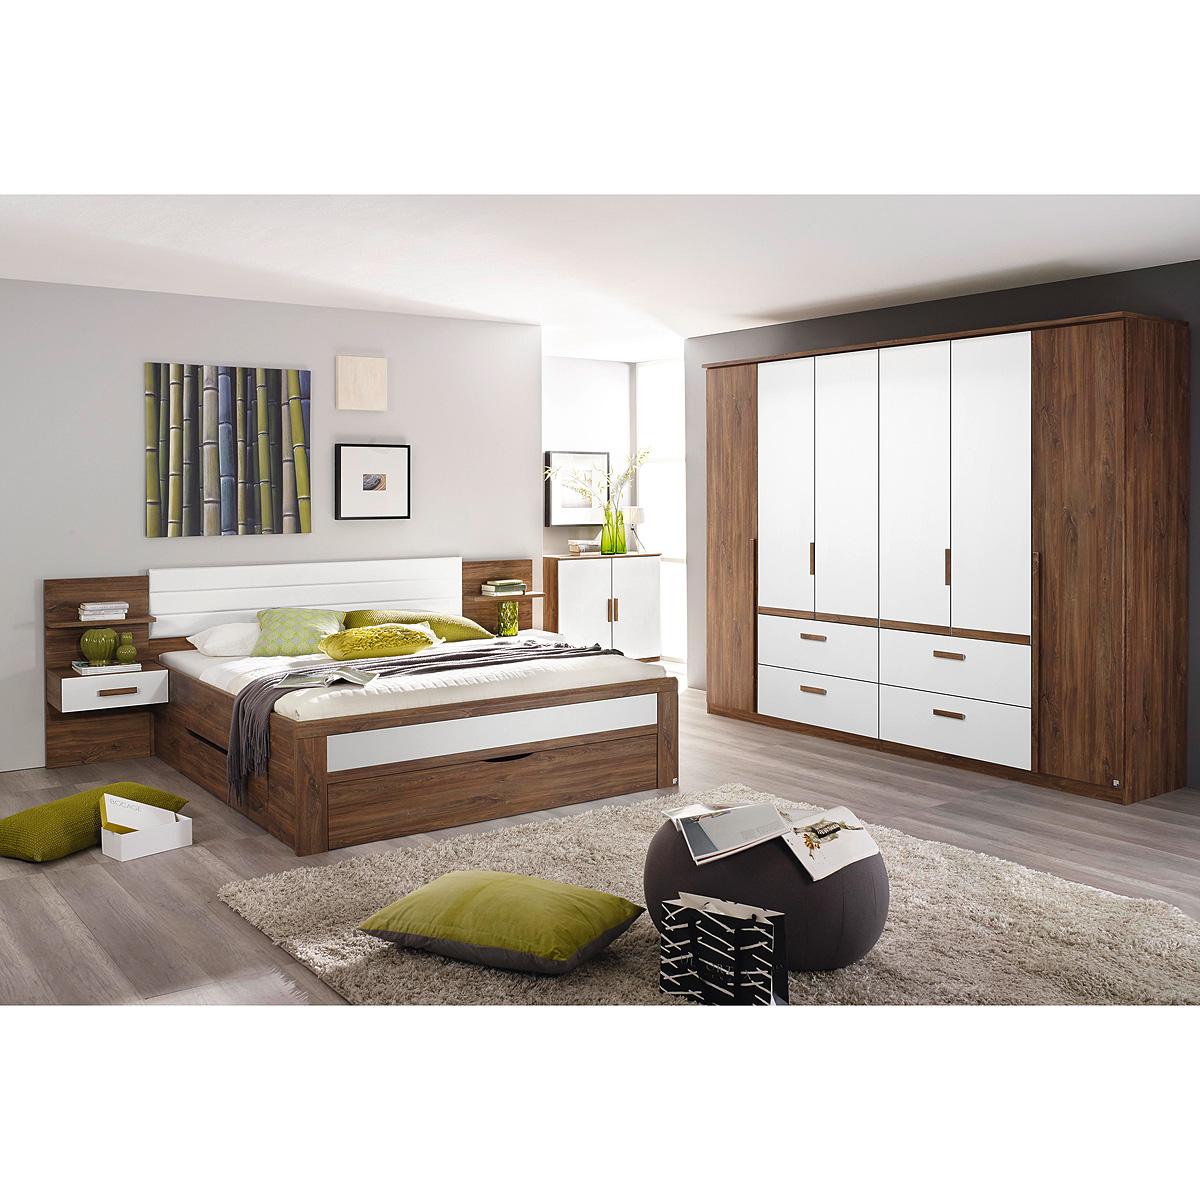 Schlafzimmer Set Bernau Bett Nako Kleiderschrank Eiche Stirling ...